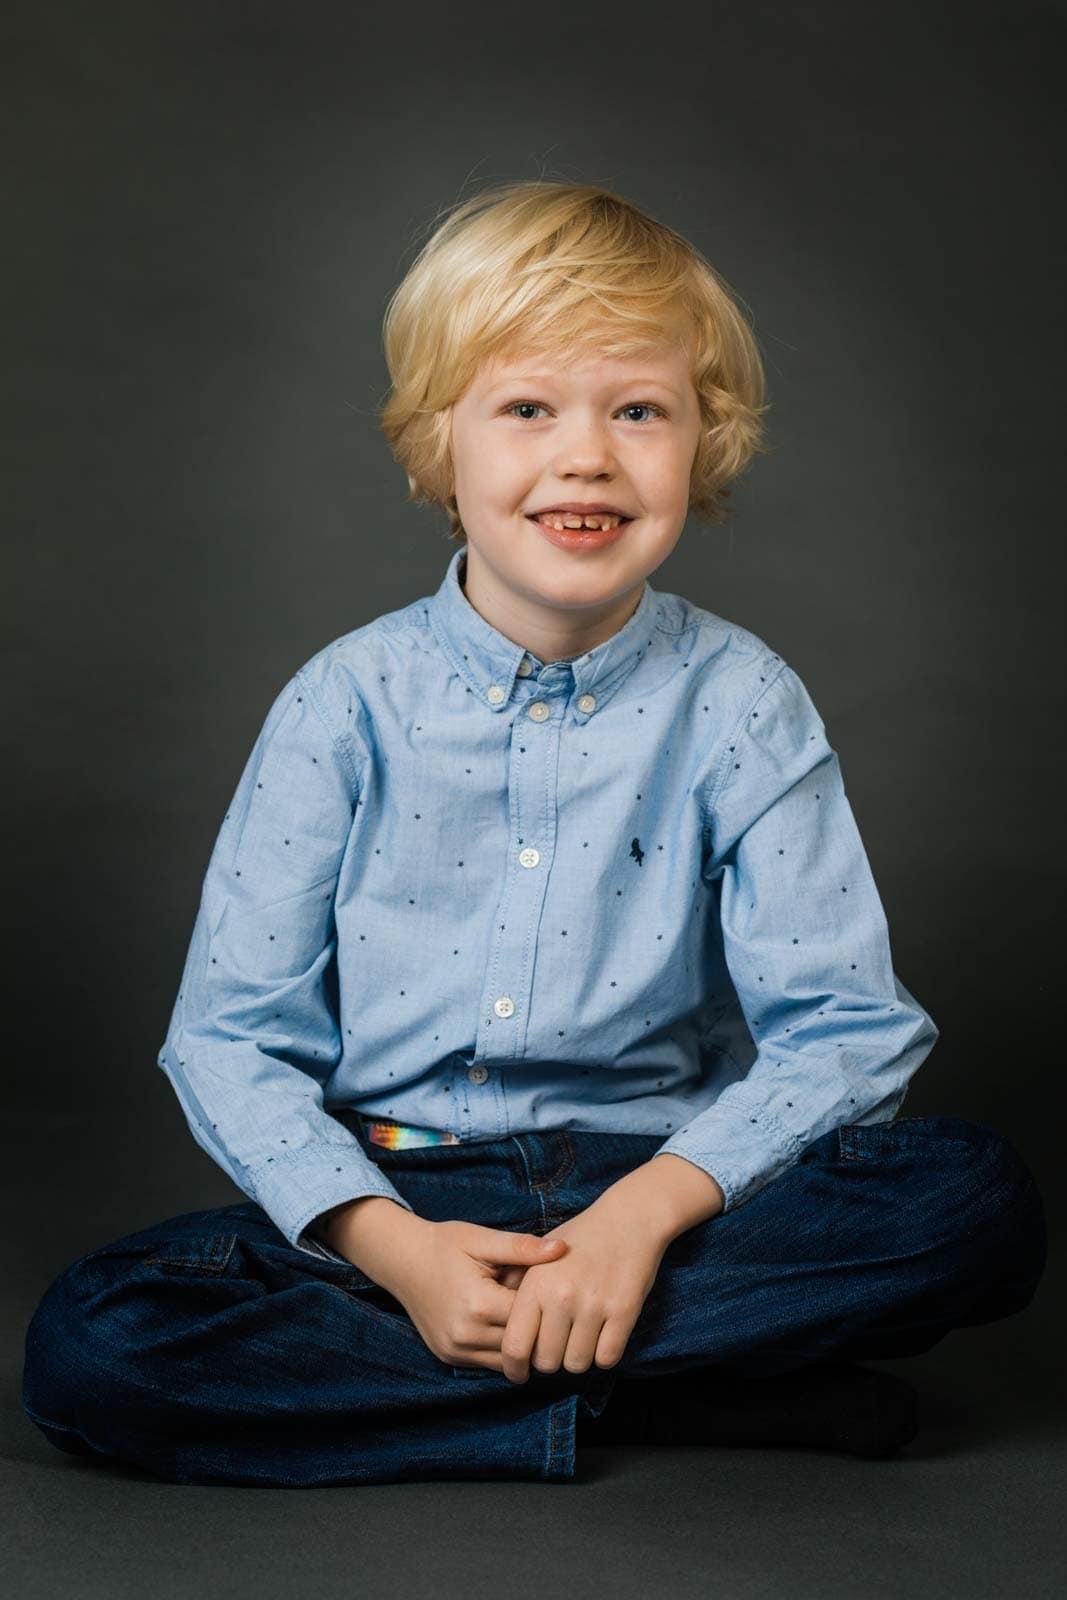 Børnefotograf Virum